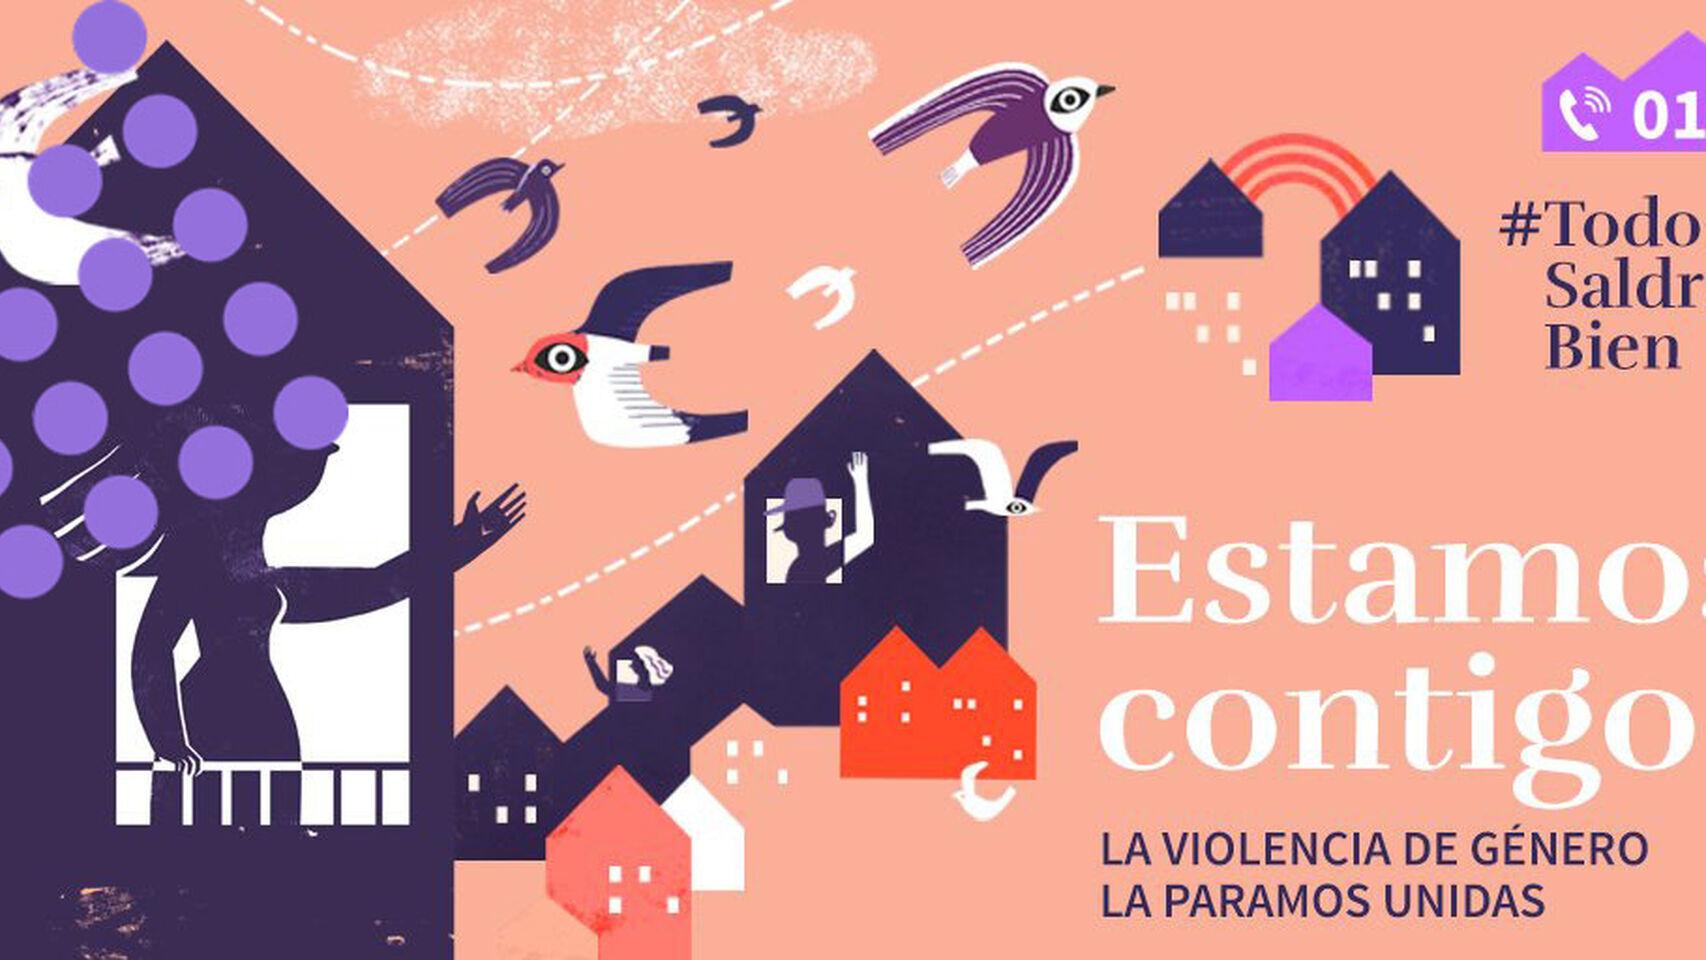 Campaña del Gobierno contra la violencia de género, eje de las campañas de publicidad institucional.